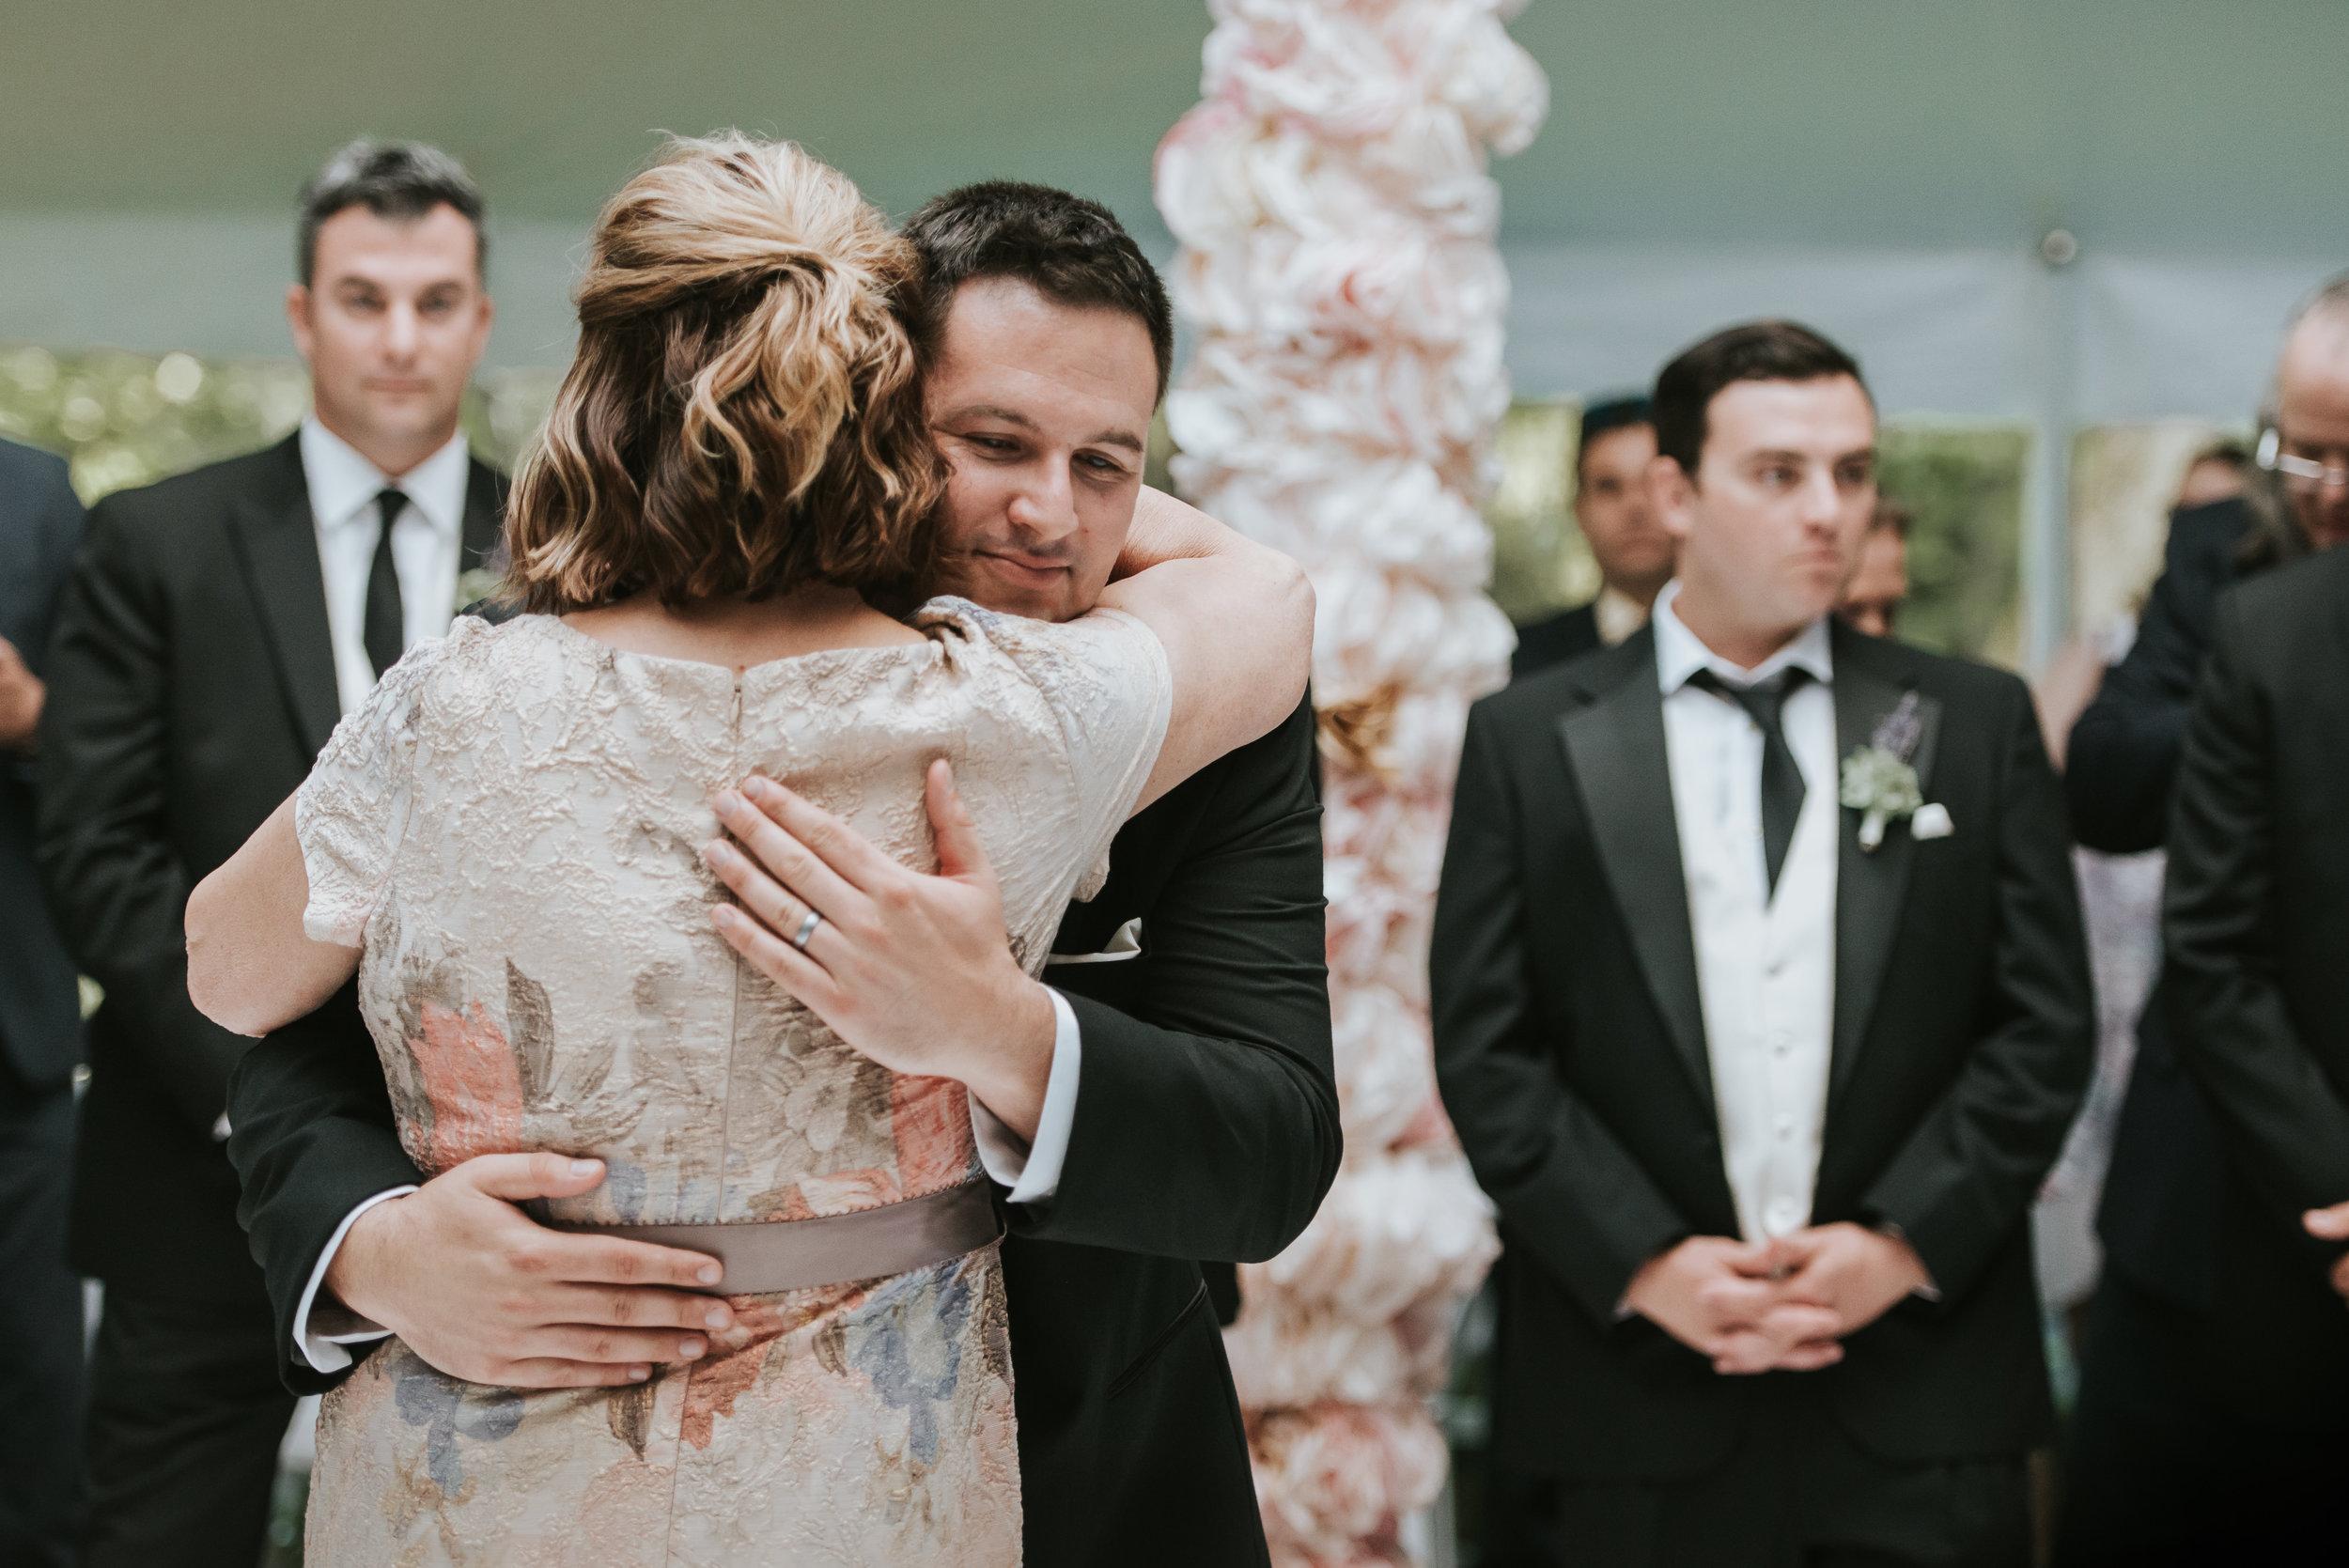 Christine-and-James-Wedding_-391.jpg